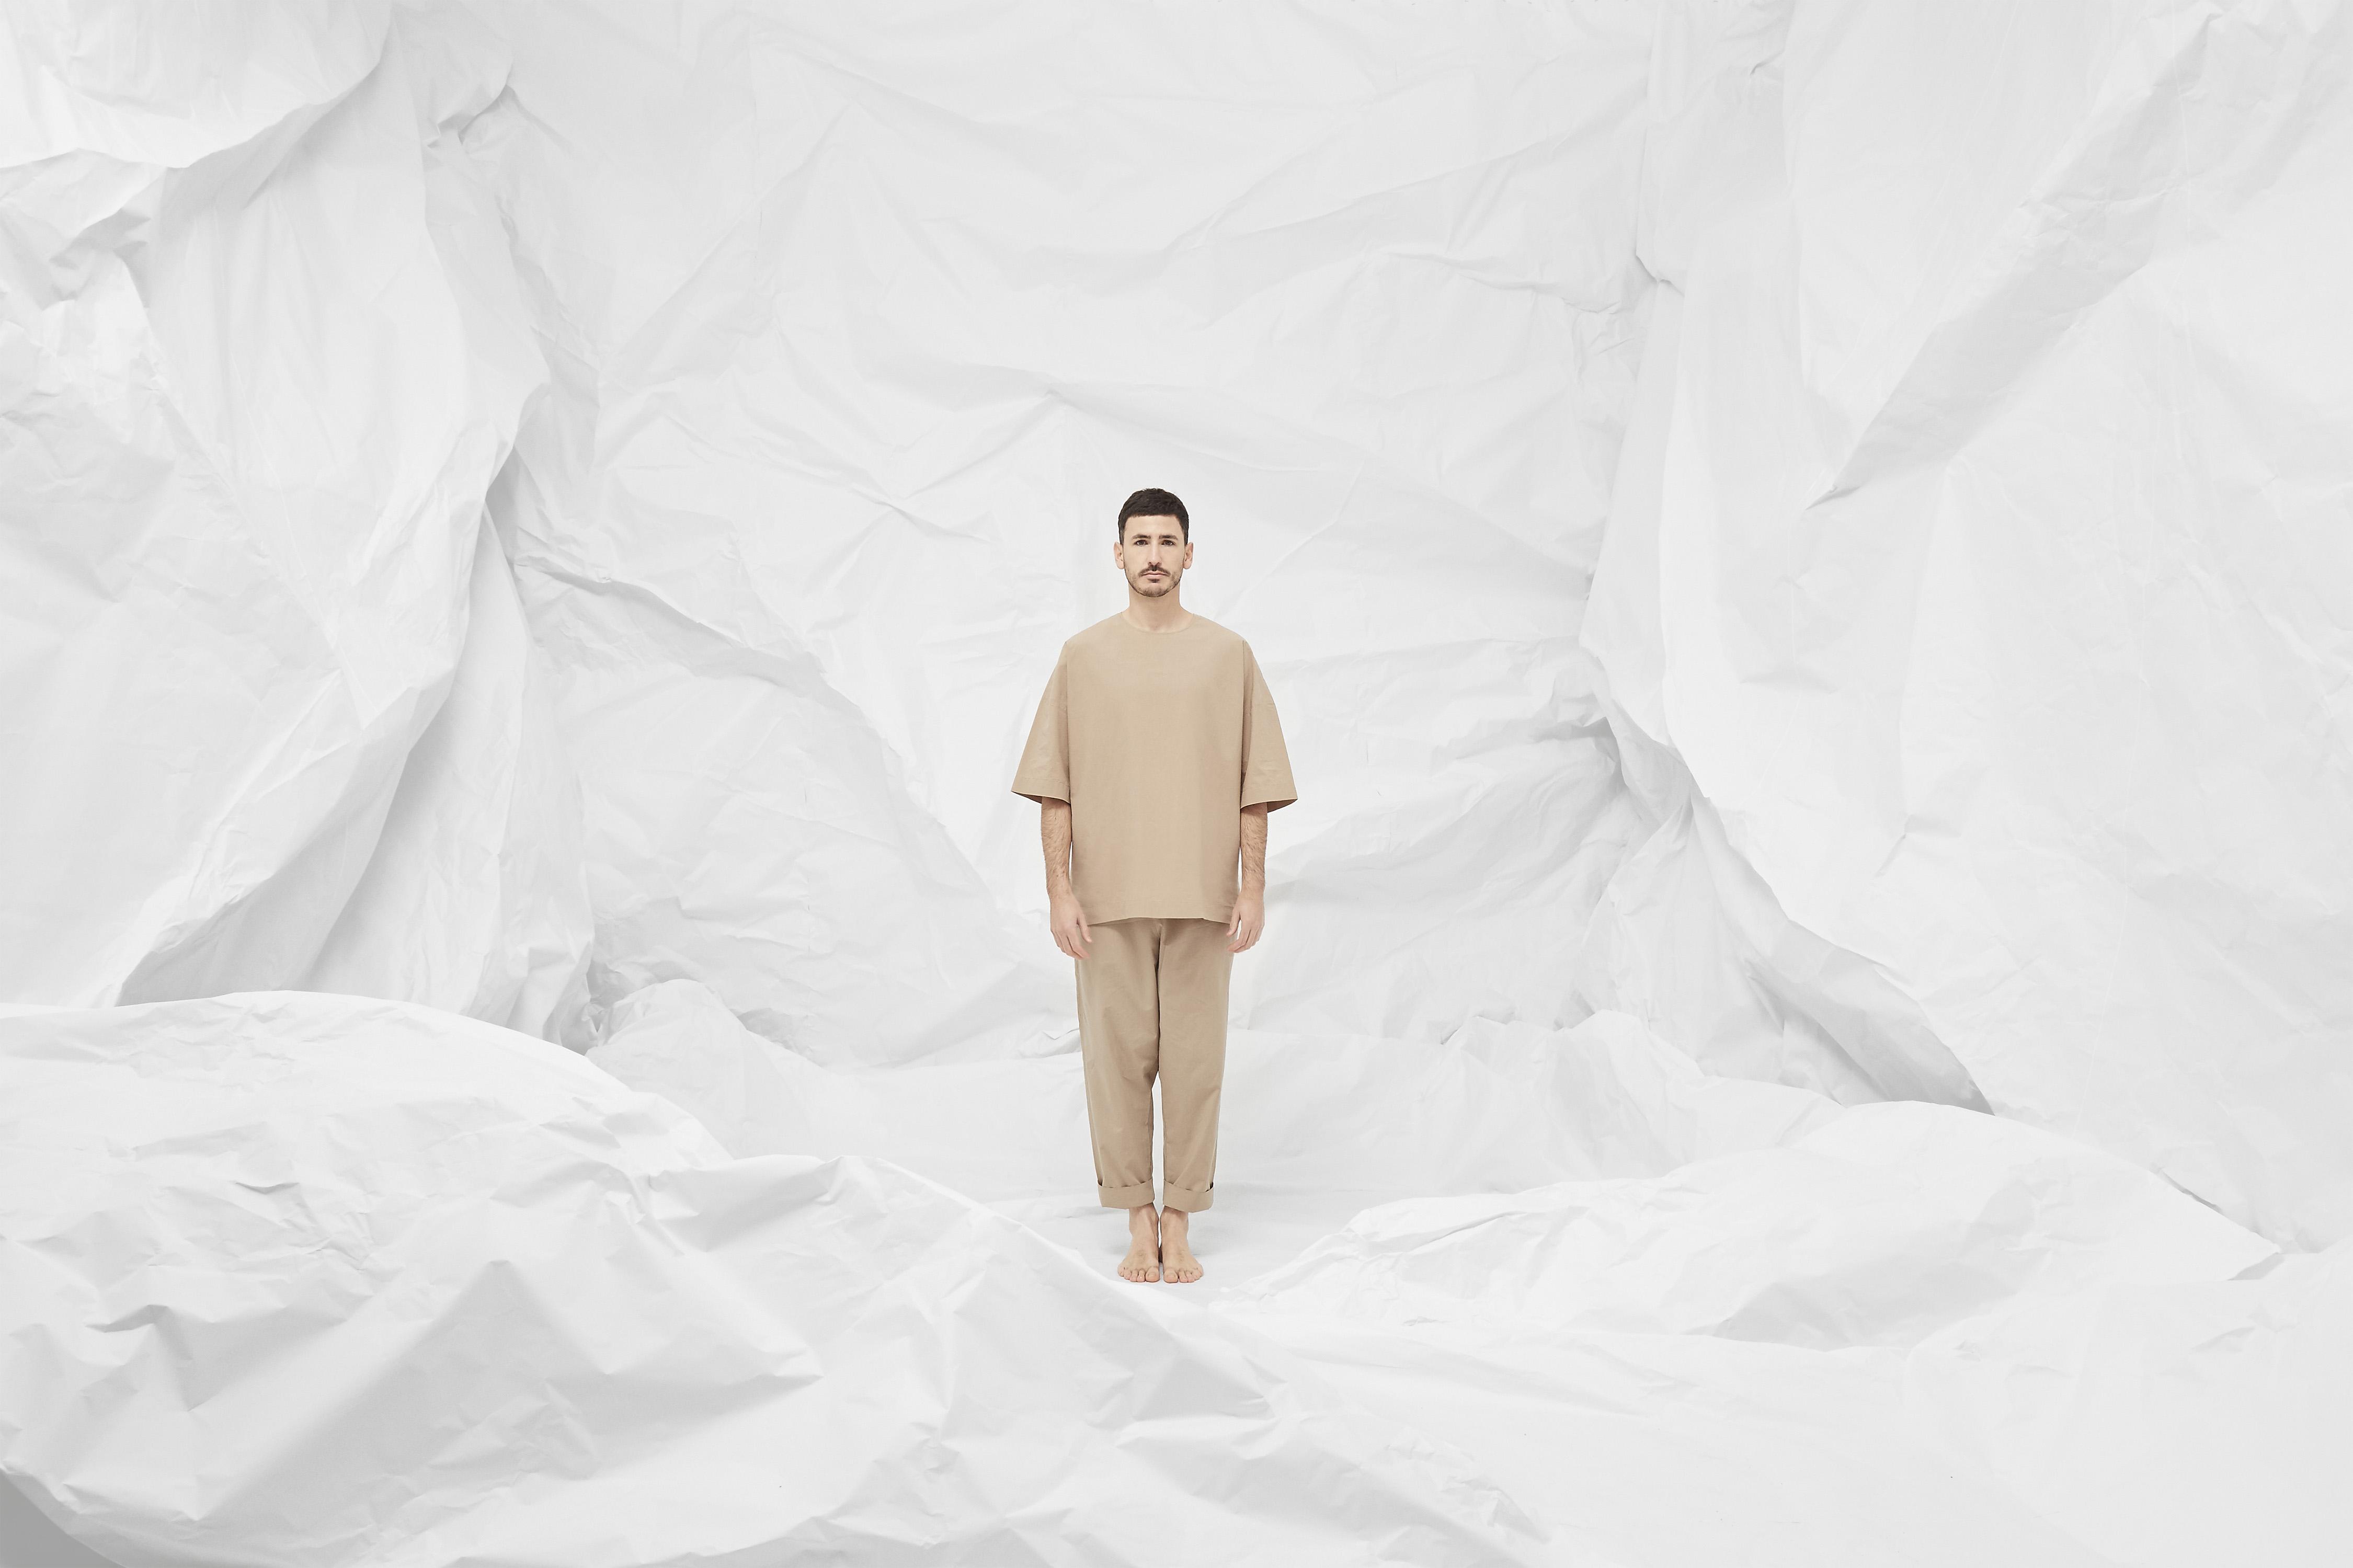 ISOLATION by Clap Studio 01 - jordi iranzo